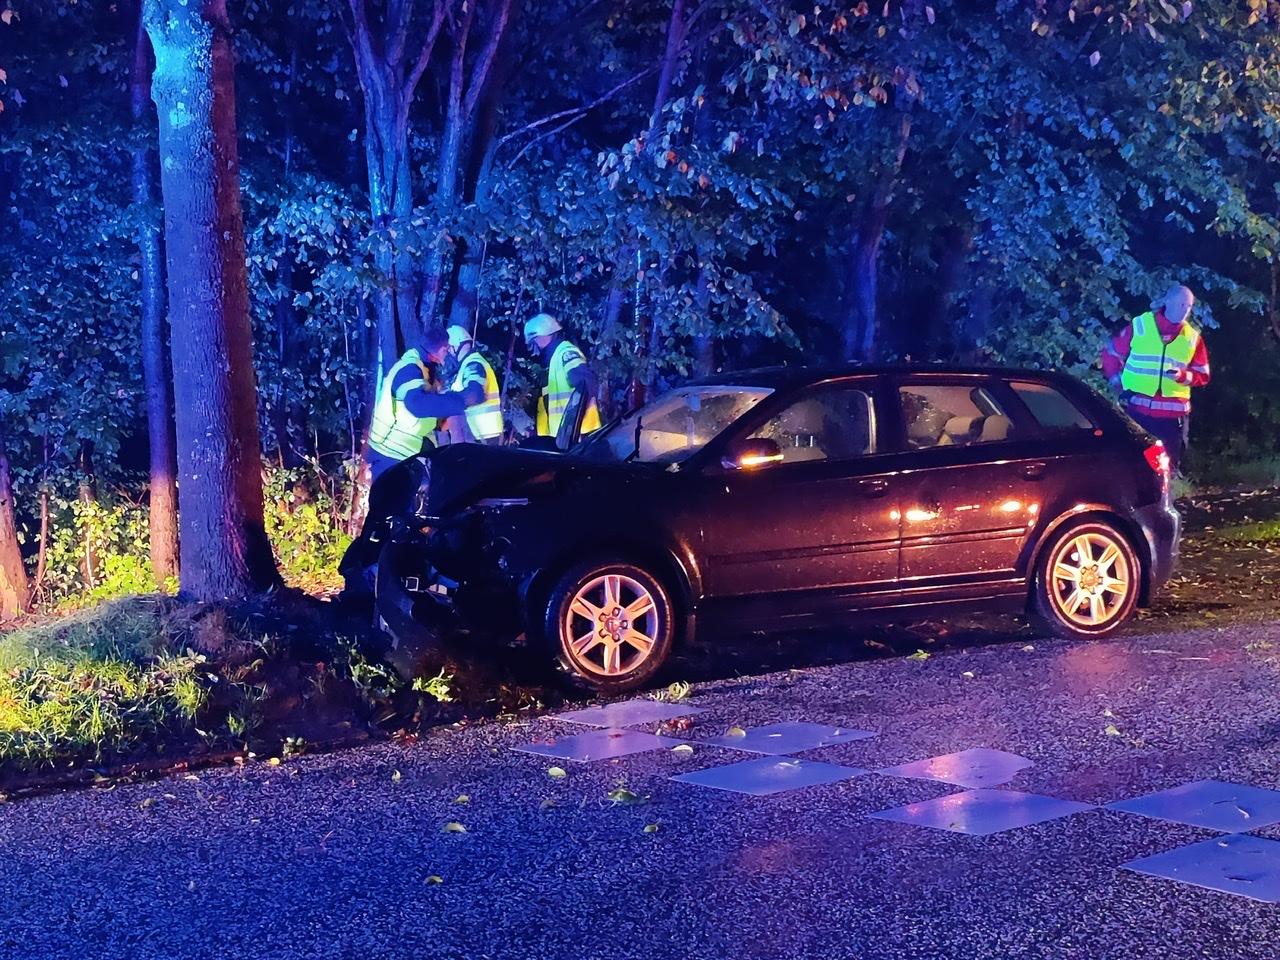 Soloulykke i Lyngby - bil kørt frontalt ind i træ